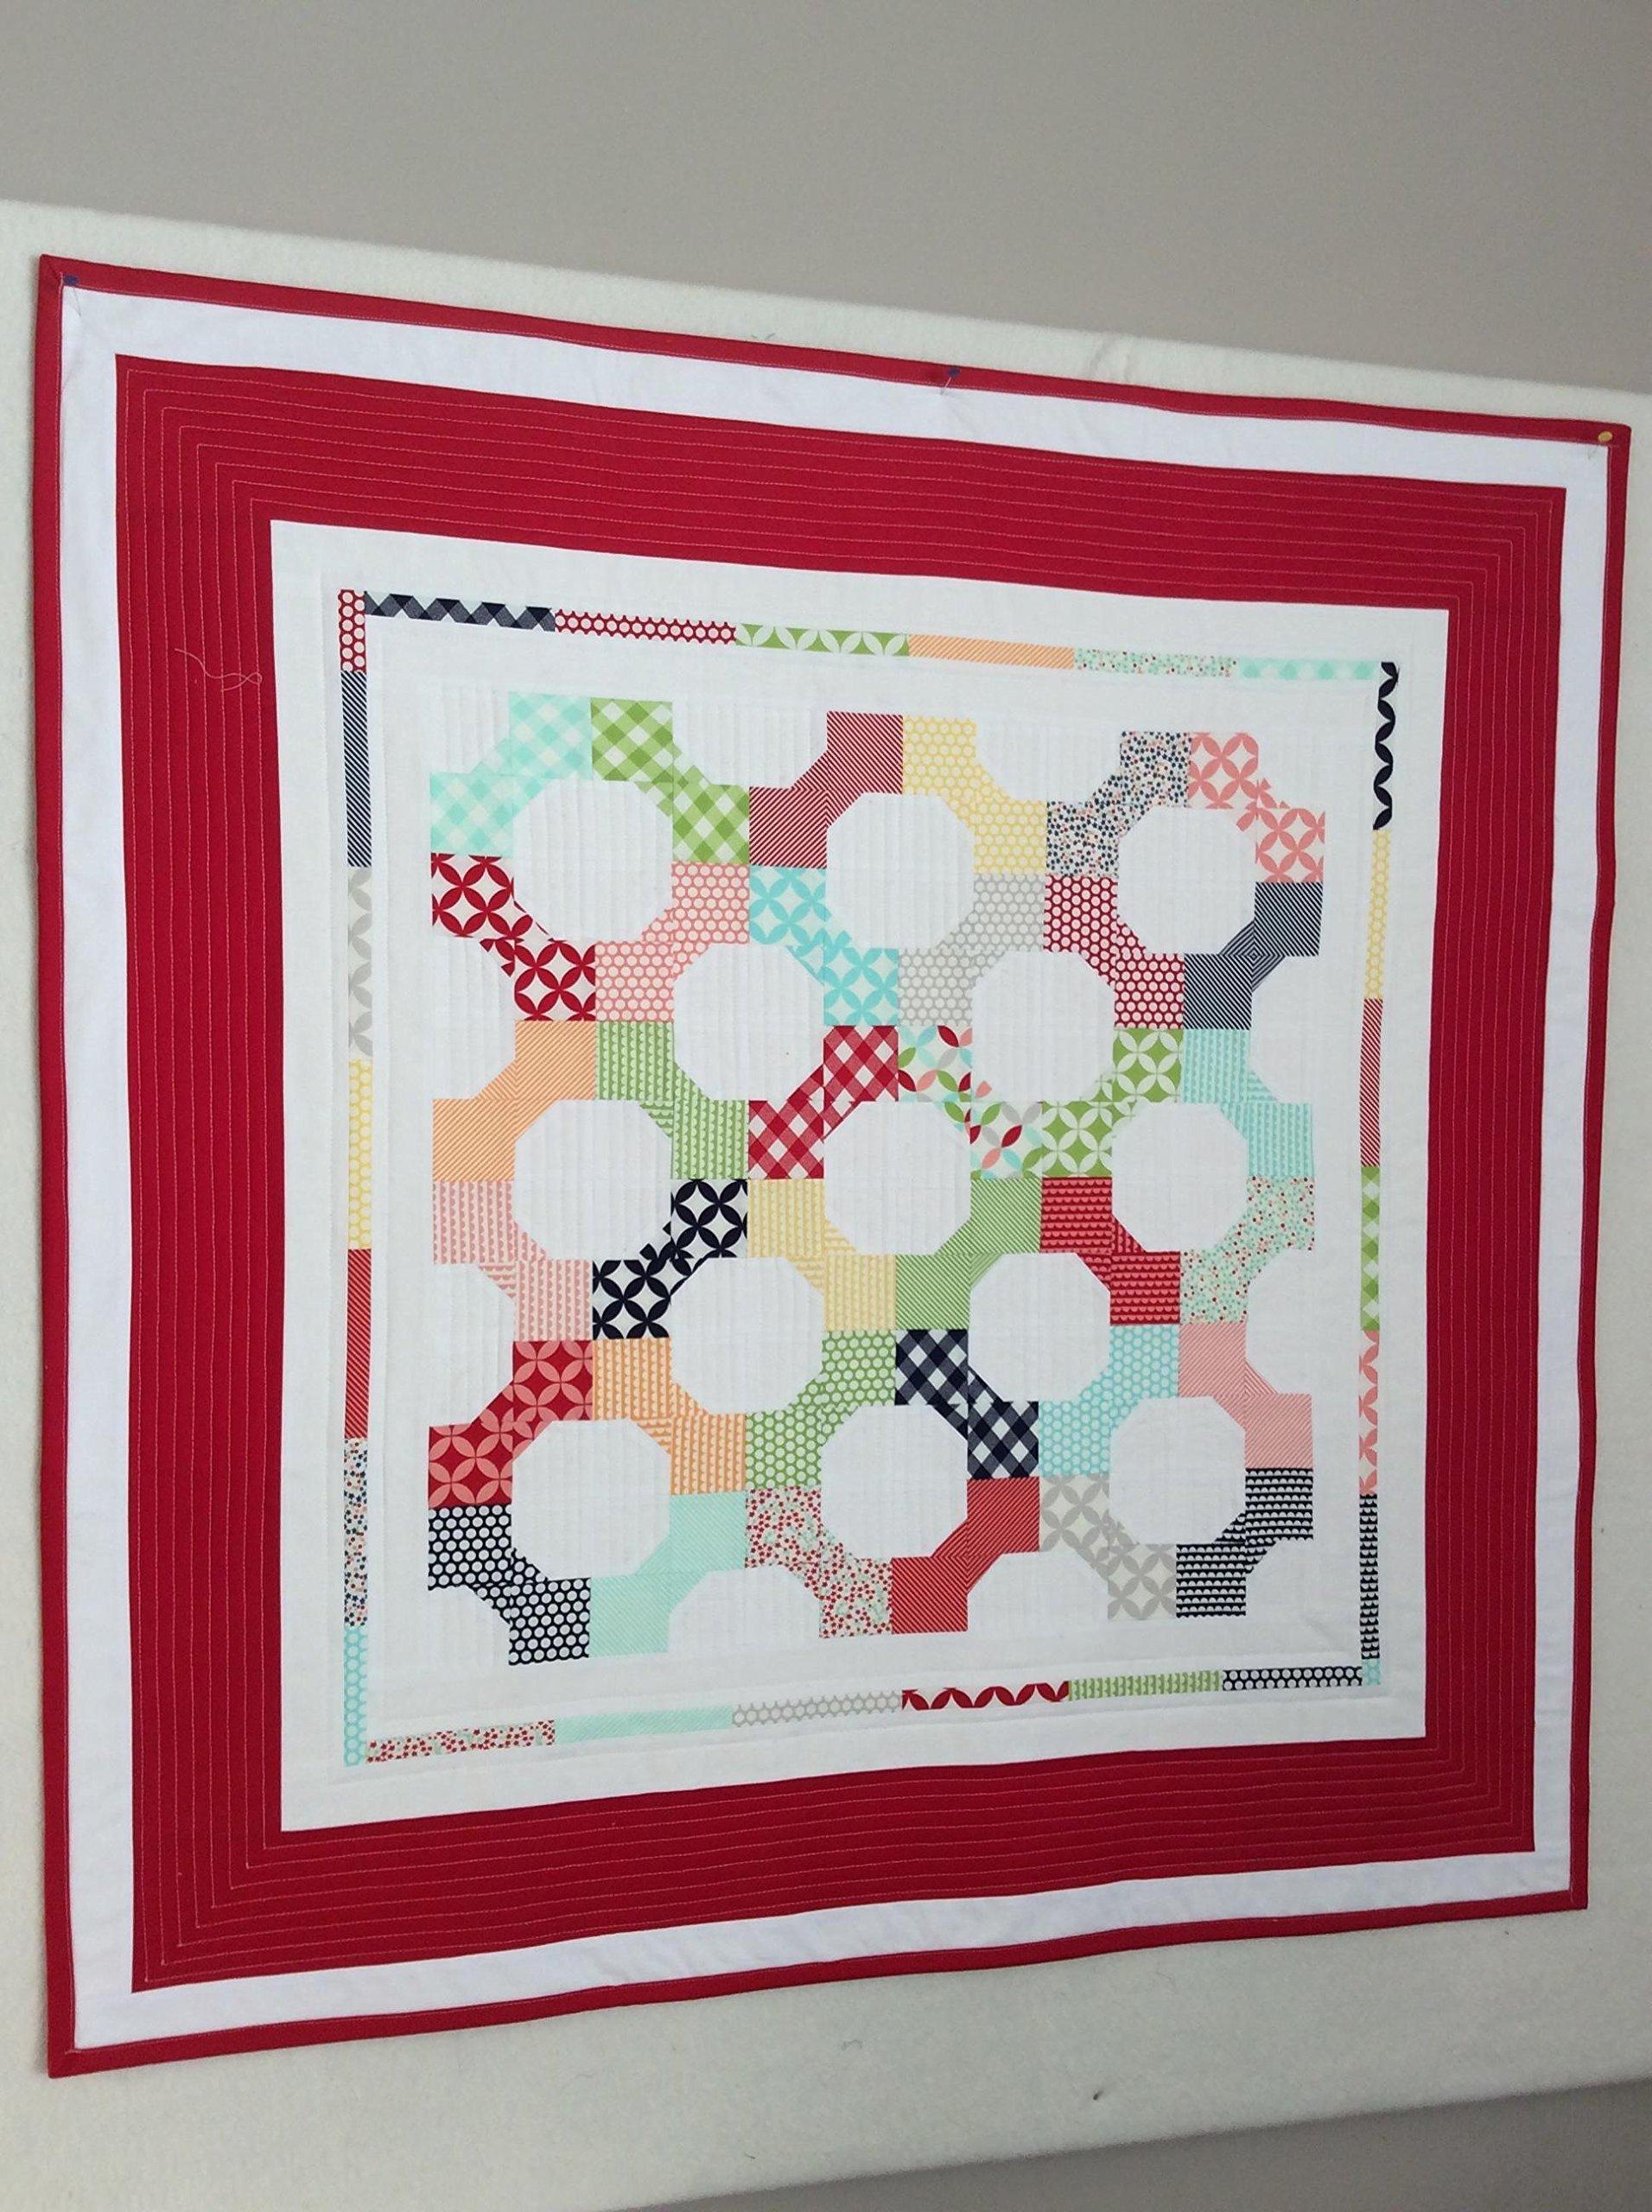 Modern Baby Quilt - Modern Toddler Quilt - Baby Quilt - Handmade Baby Quilt - Baby Bedding - Toddler Bedding - Baby Blanket